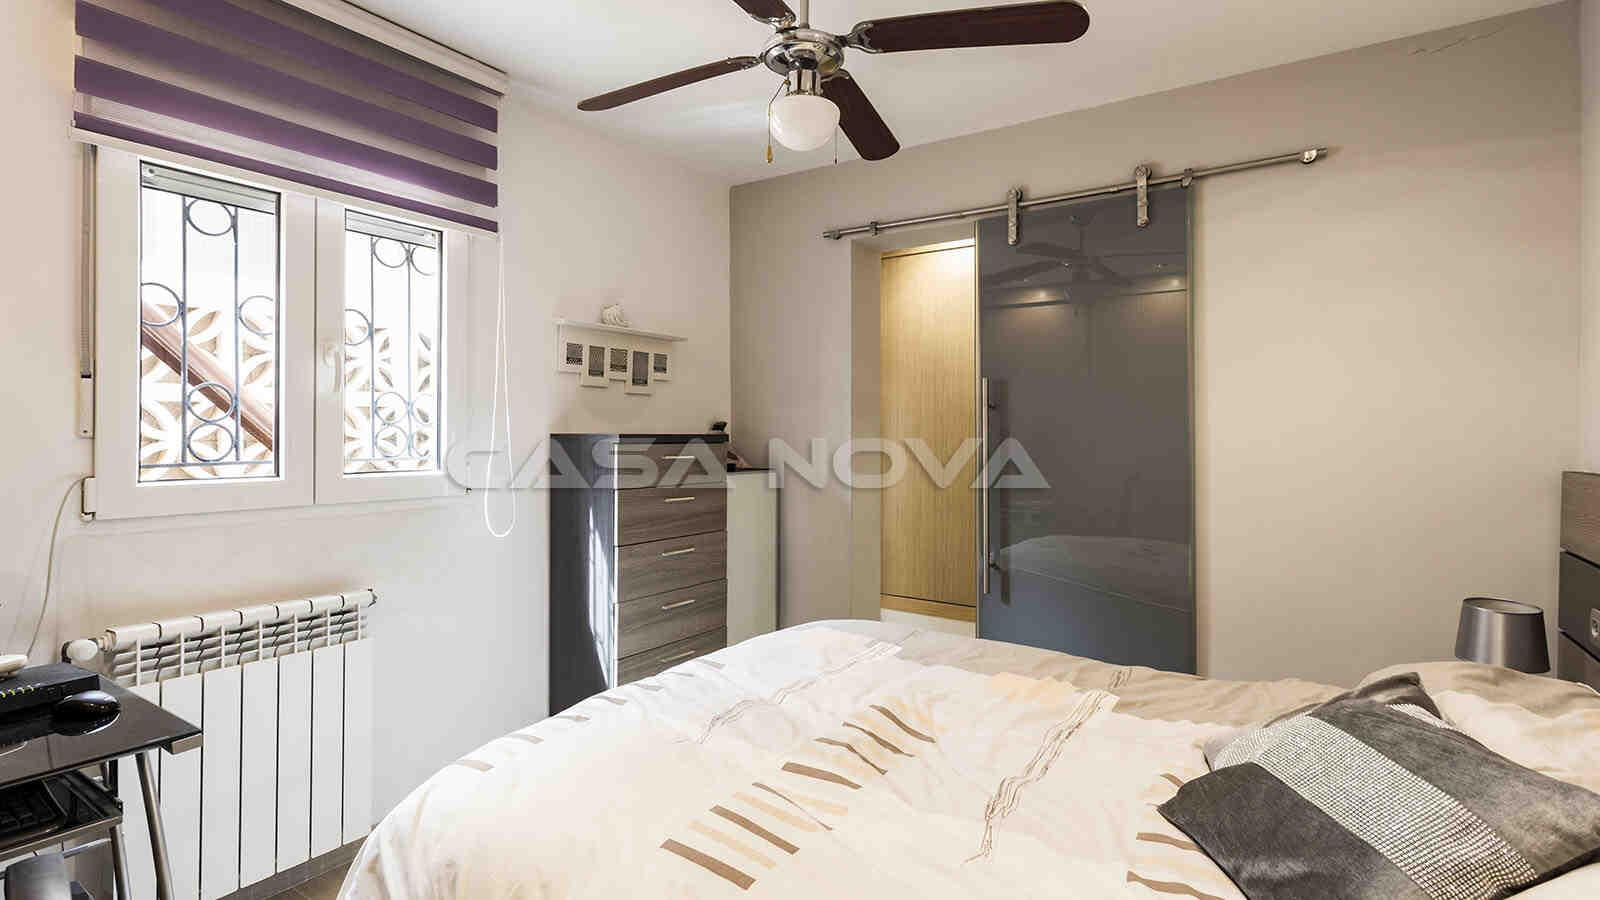 Grosses Schlafzimmer mit Ankleideraum